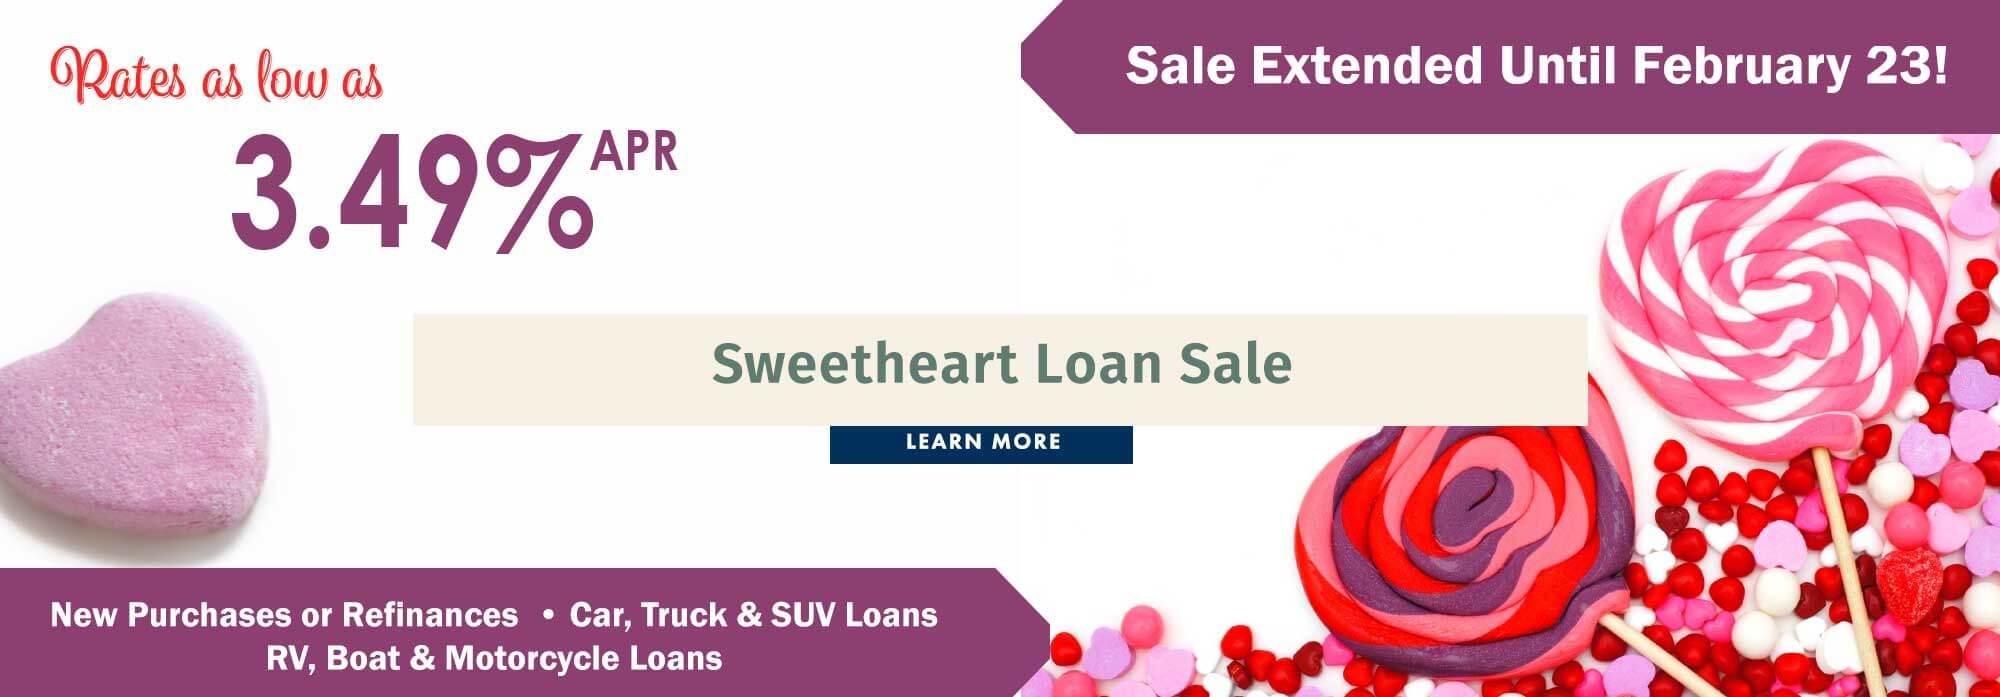 Sweetheart Loan Sale